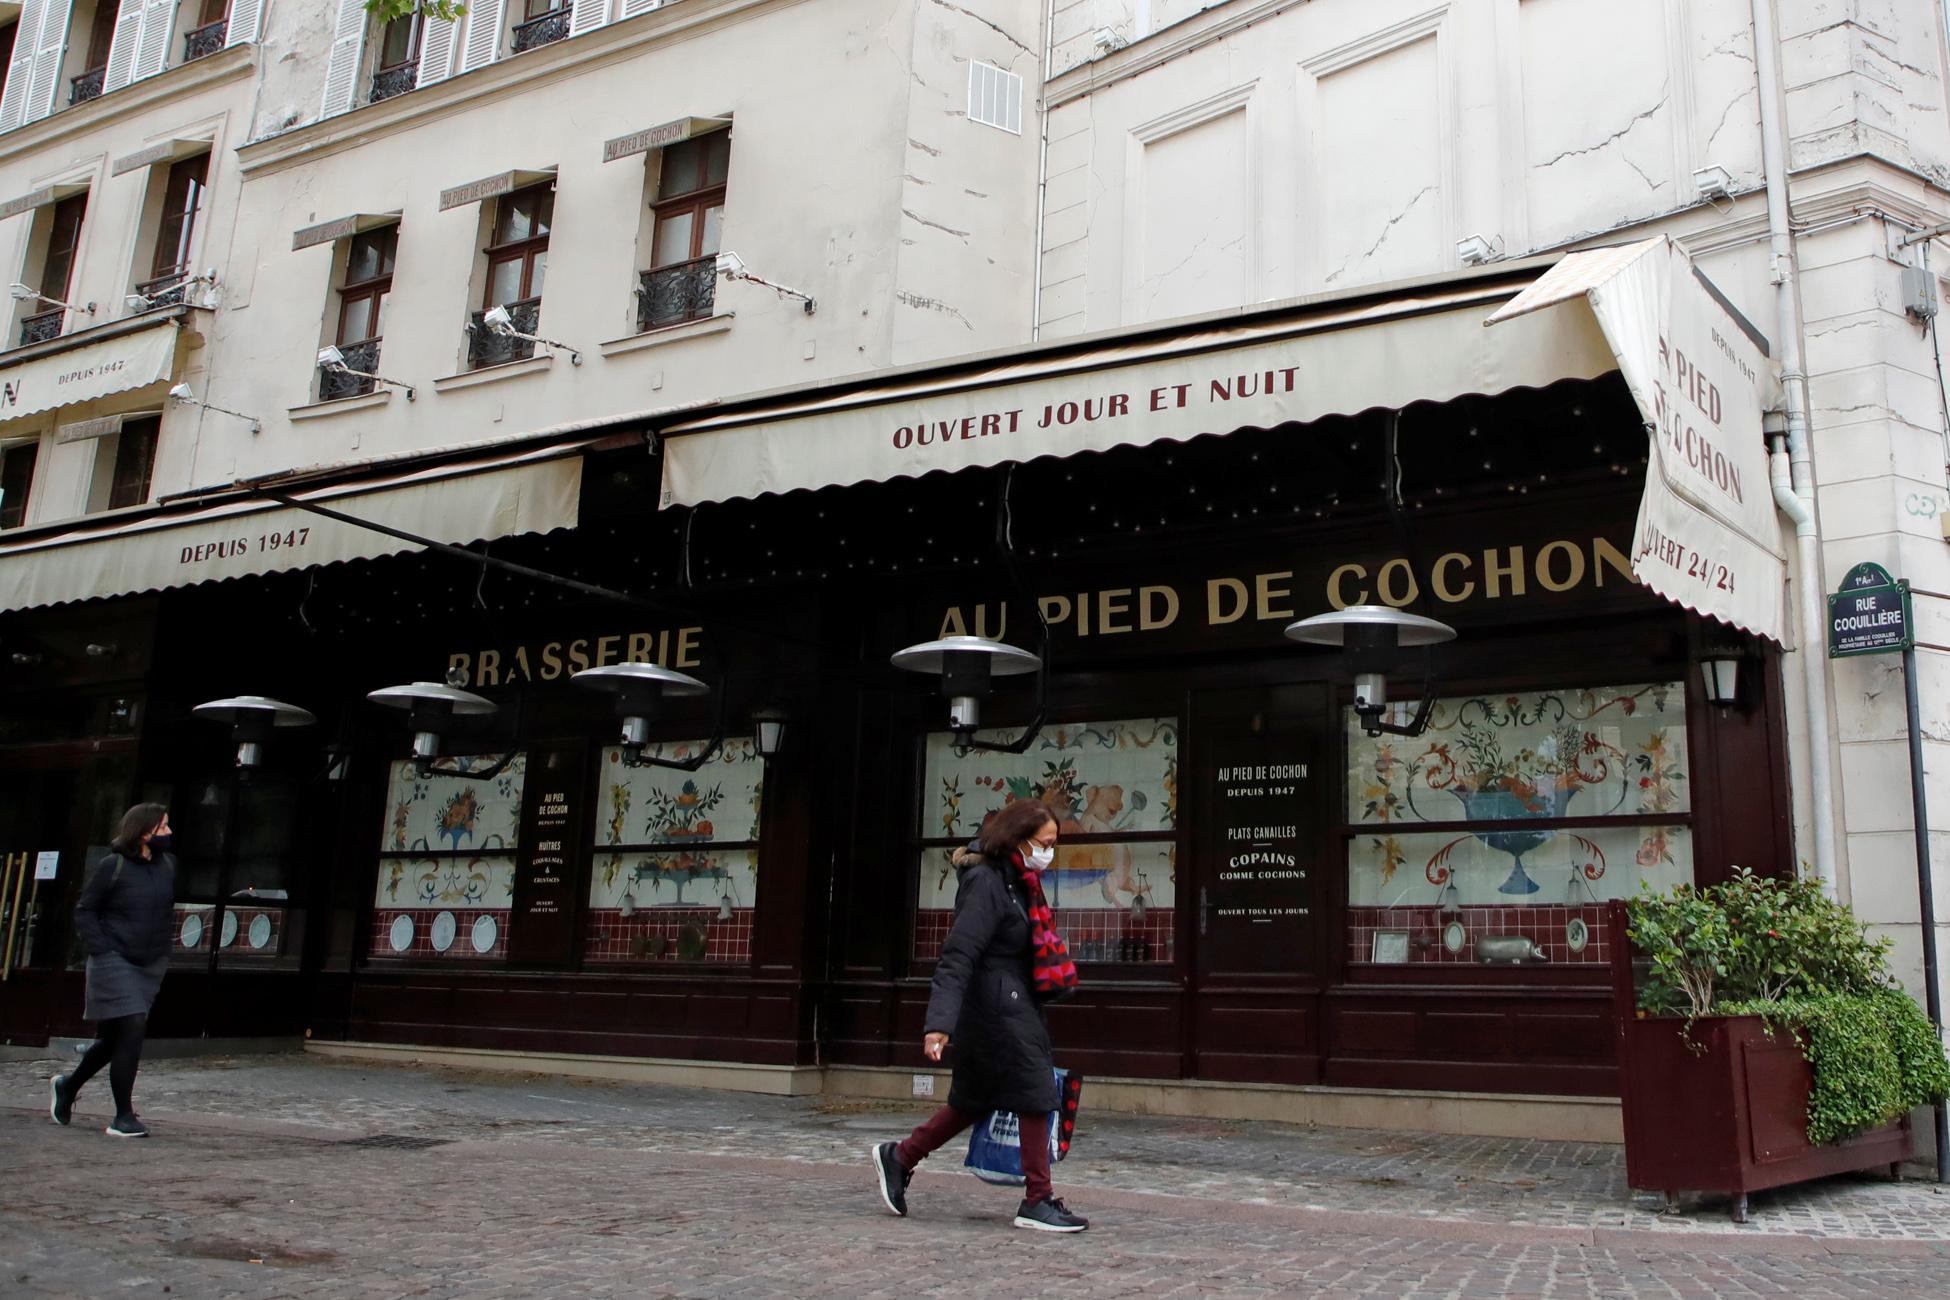 Γαλλία: Τρέμουν τέταρτο κύμα κορονοϊού – Με προσοχή η άρση των μέτρων